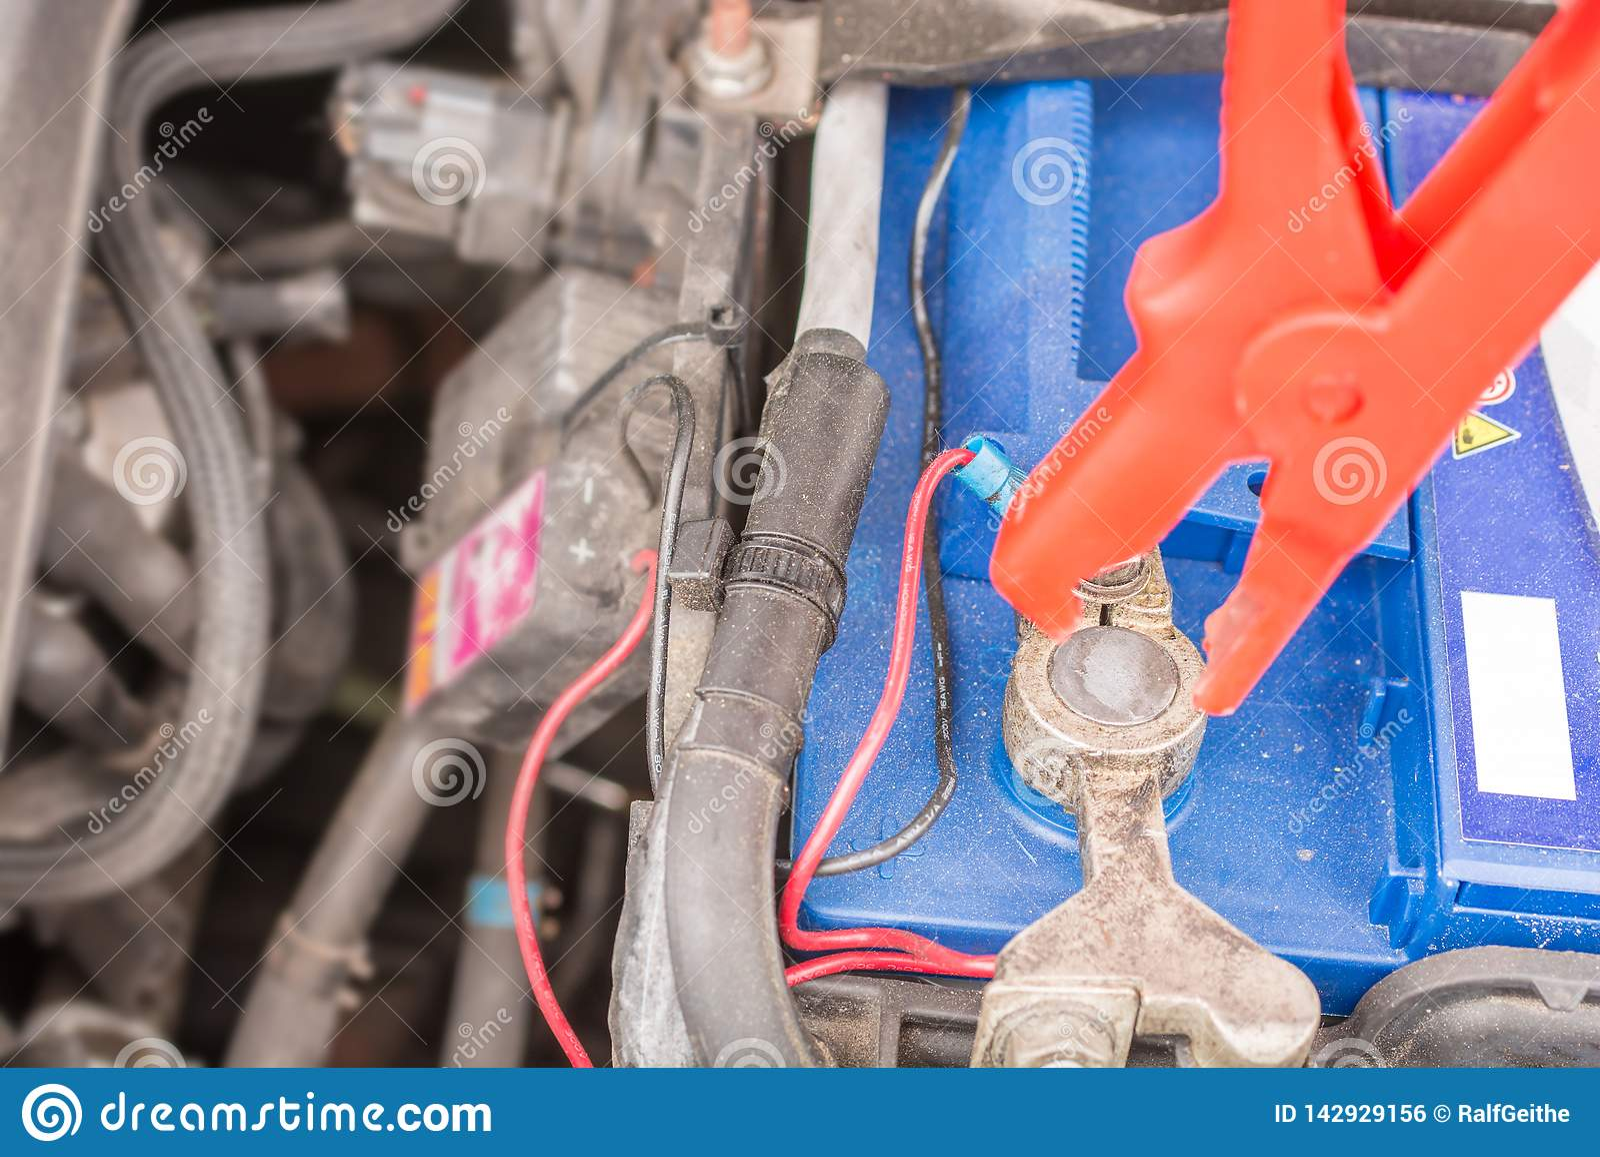 Uppladdning av ett bilbatteri med laddande kabel